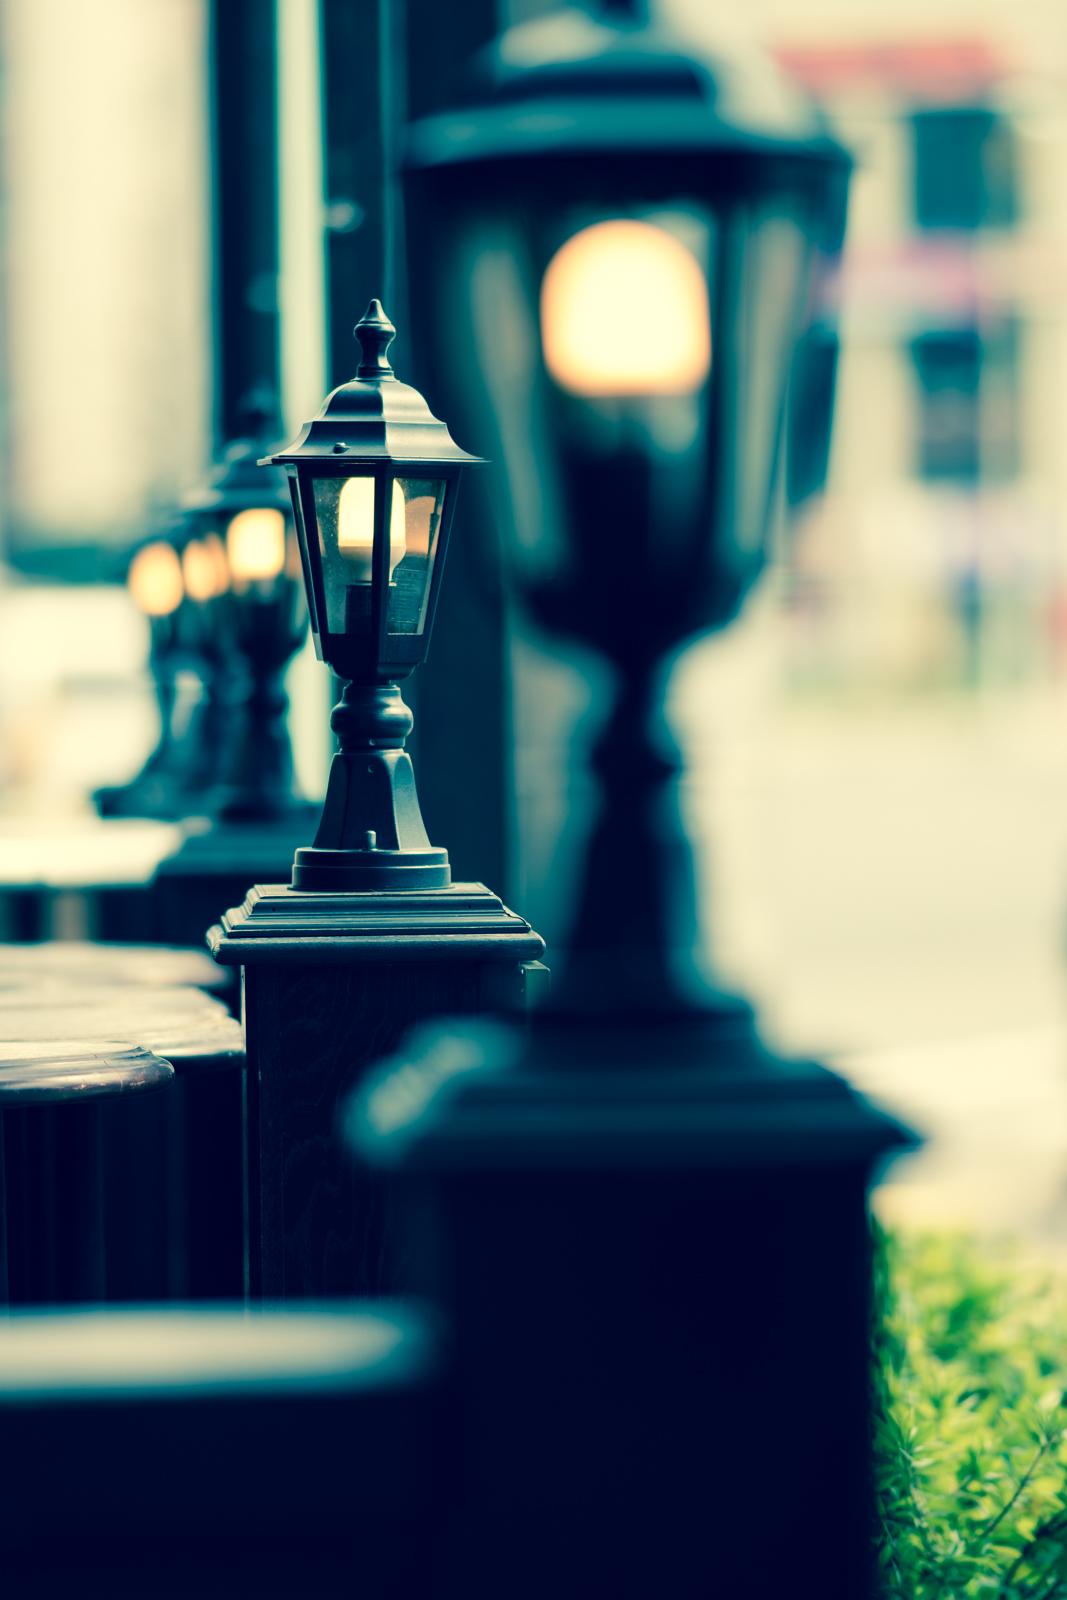 クロスプロセスでRAW現像した街灯の写真